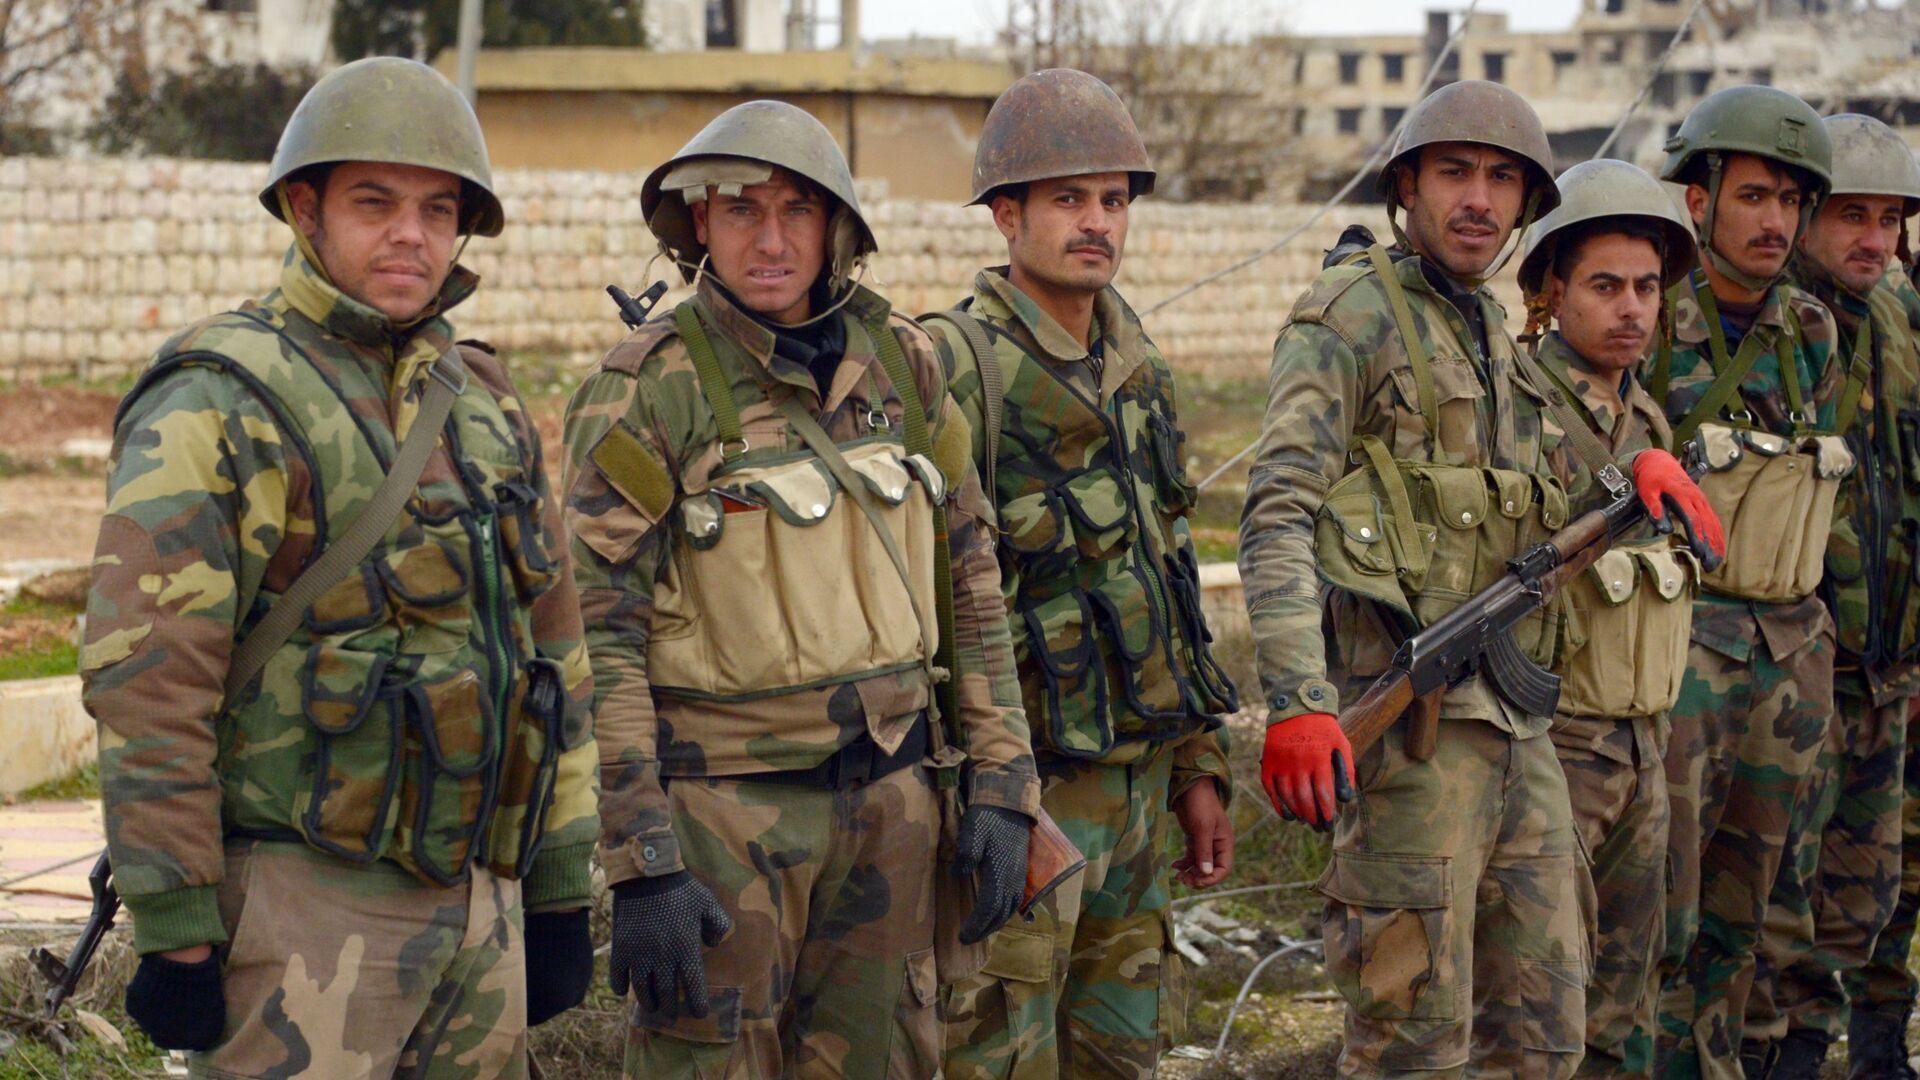 Militari dell'esercito siriano - Sputnik Italia, 1920, 08.09.2021